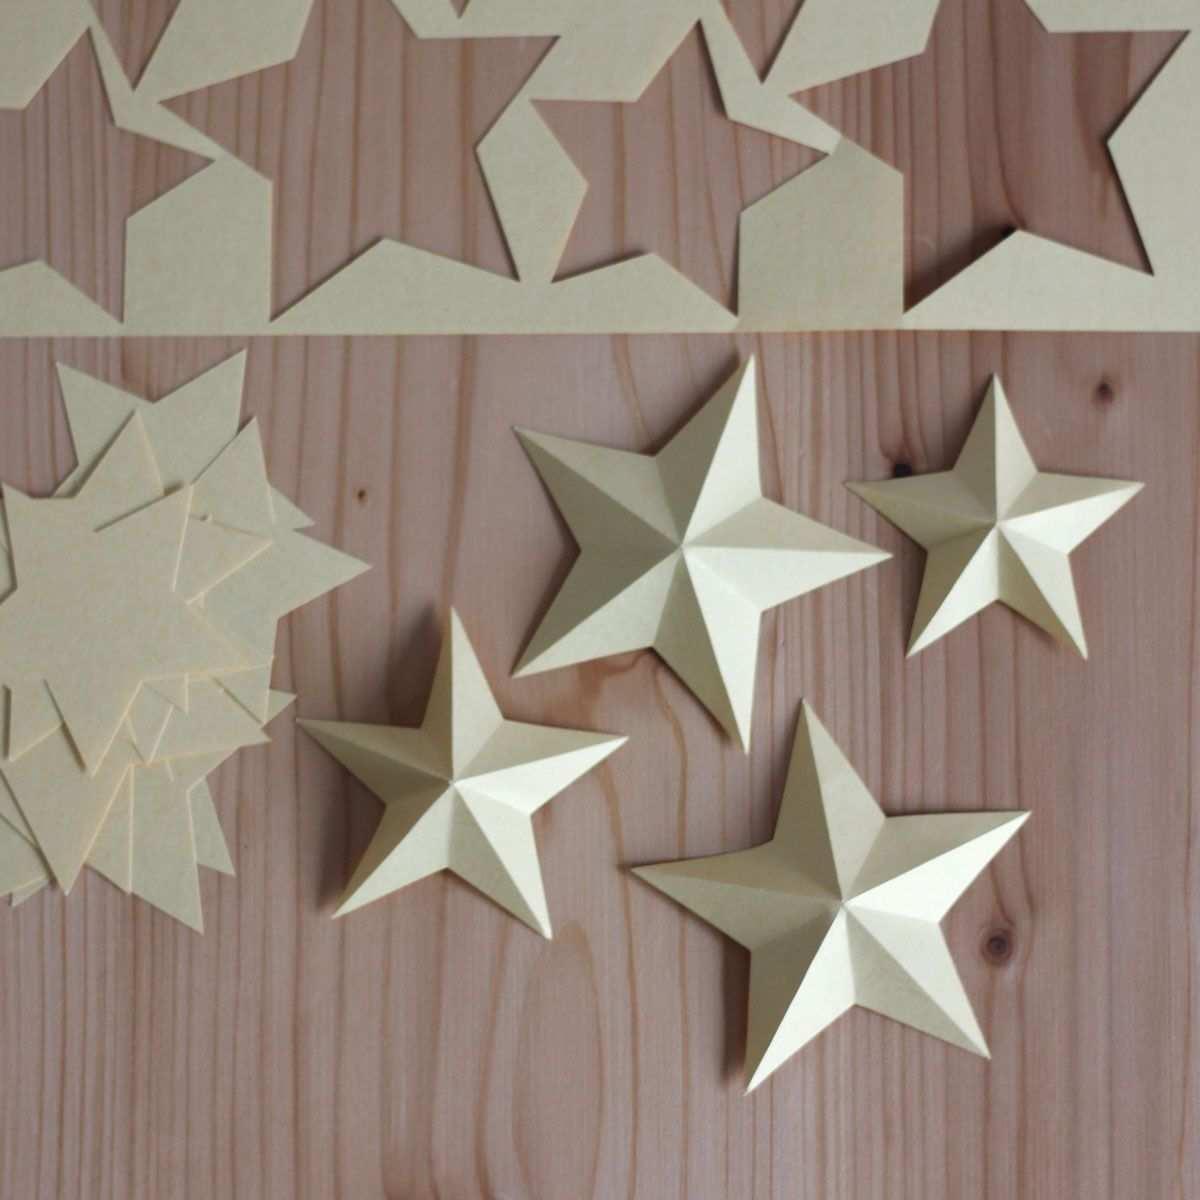 3d Sterne Aus Papier Plotterfreebie Kugelig Com Sterne Basteln Aus Papier Sterne Aus Papier 3d Sterne Aus Papier Basteln